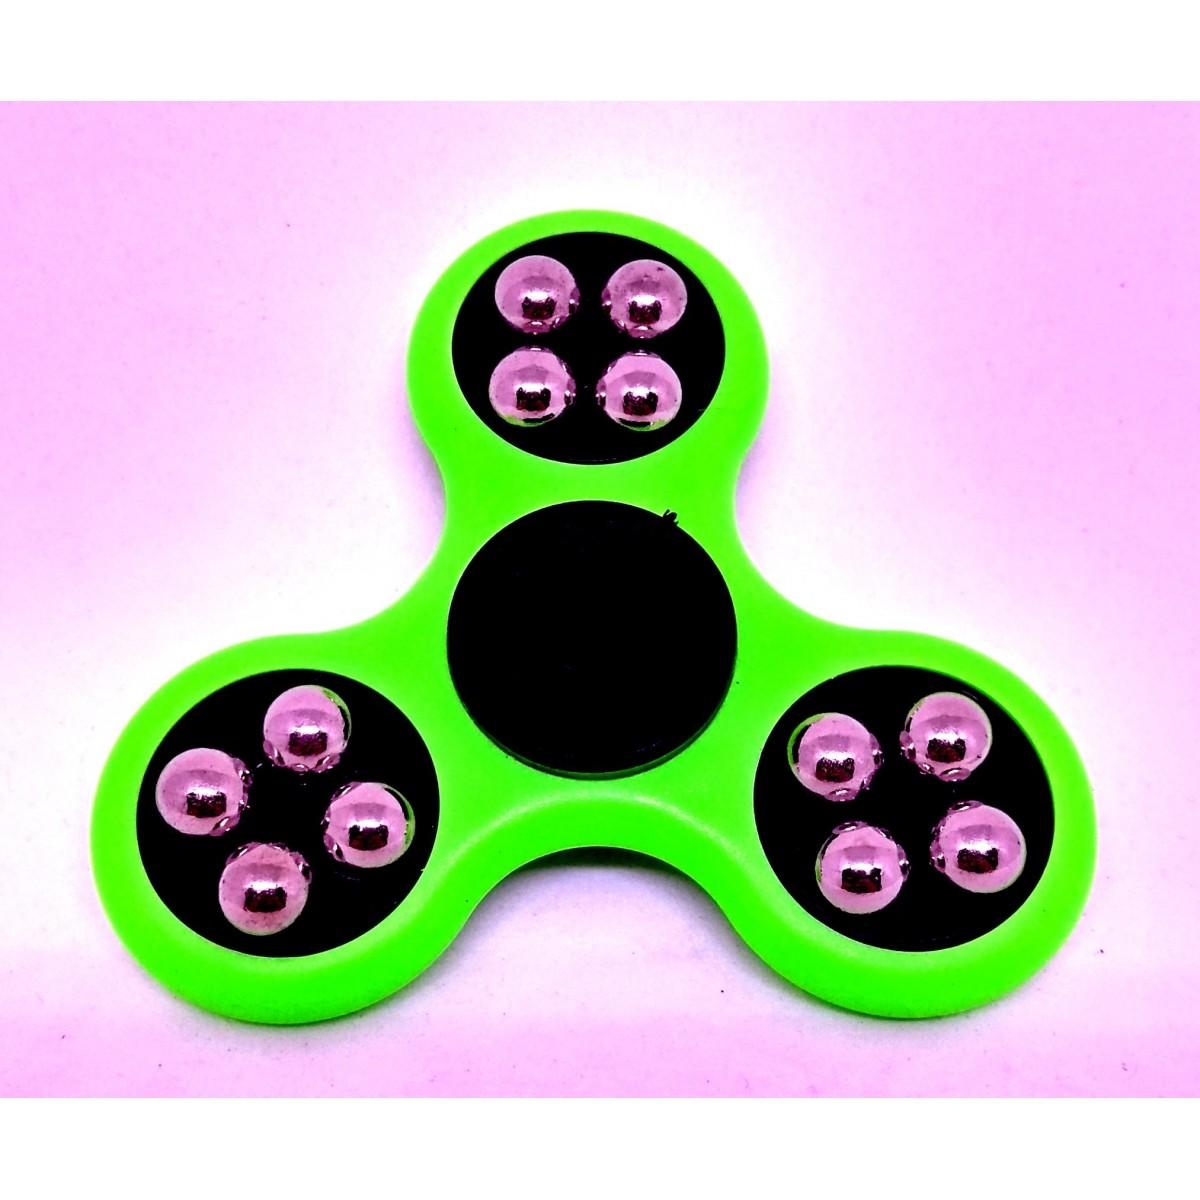 Hand Spinner com bolinhas Verde e Preto - Rolamento Anti Estresse Fidget Hand Spinner